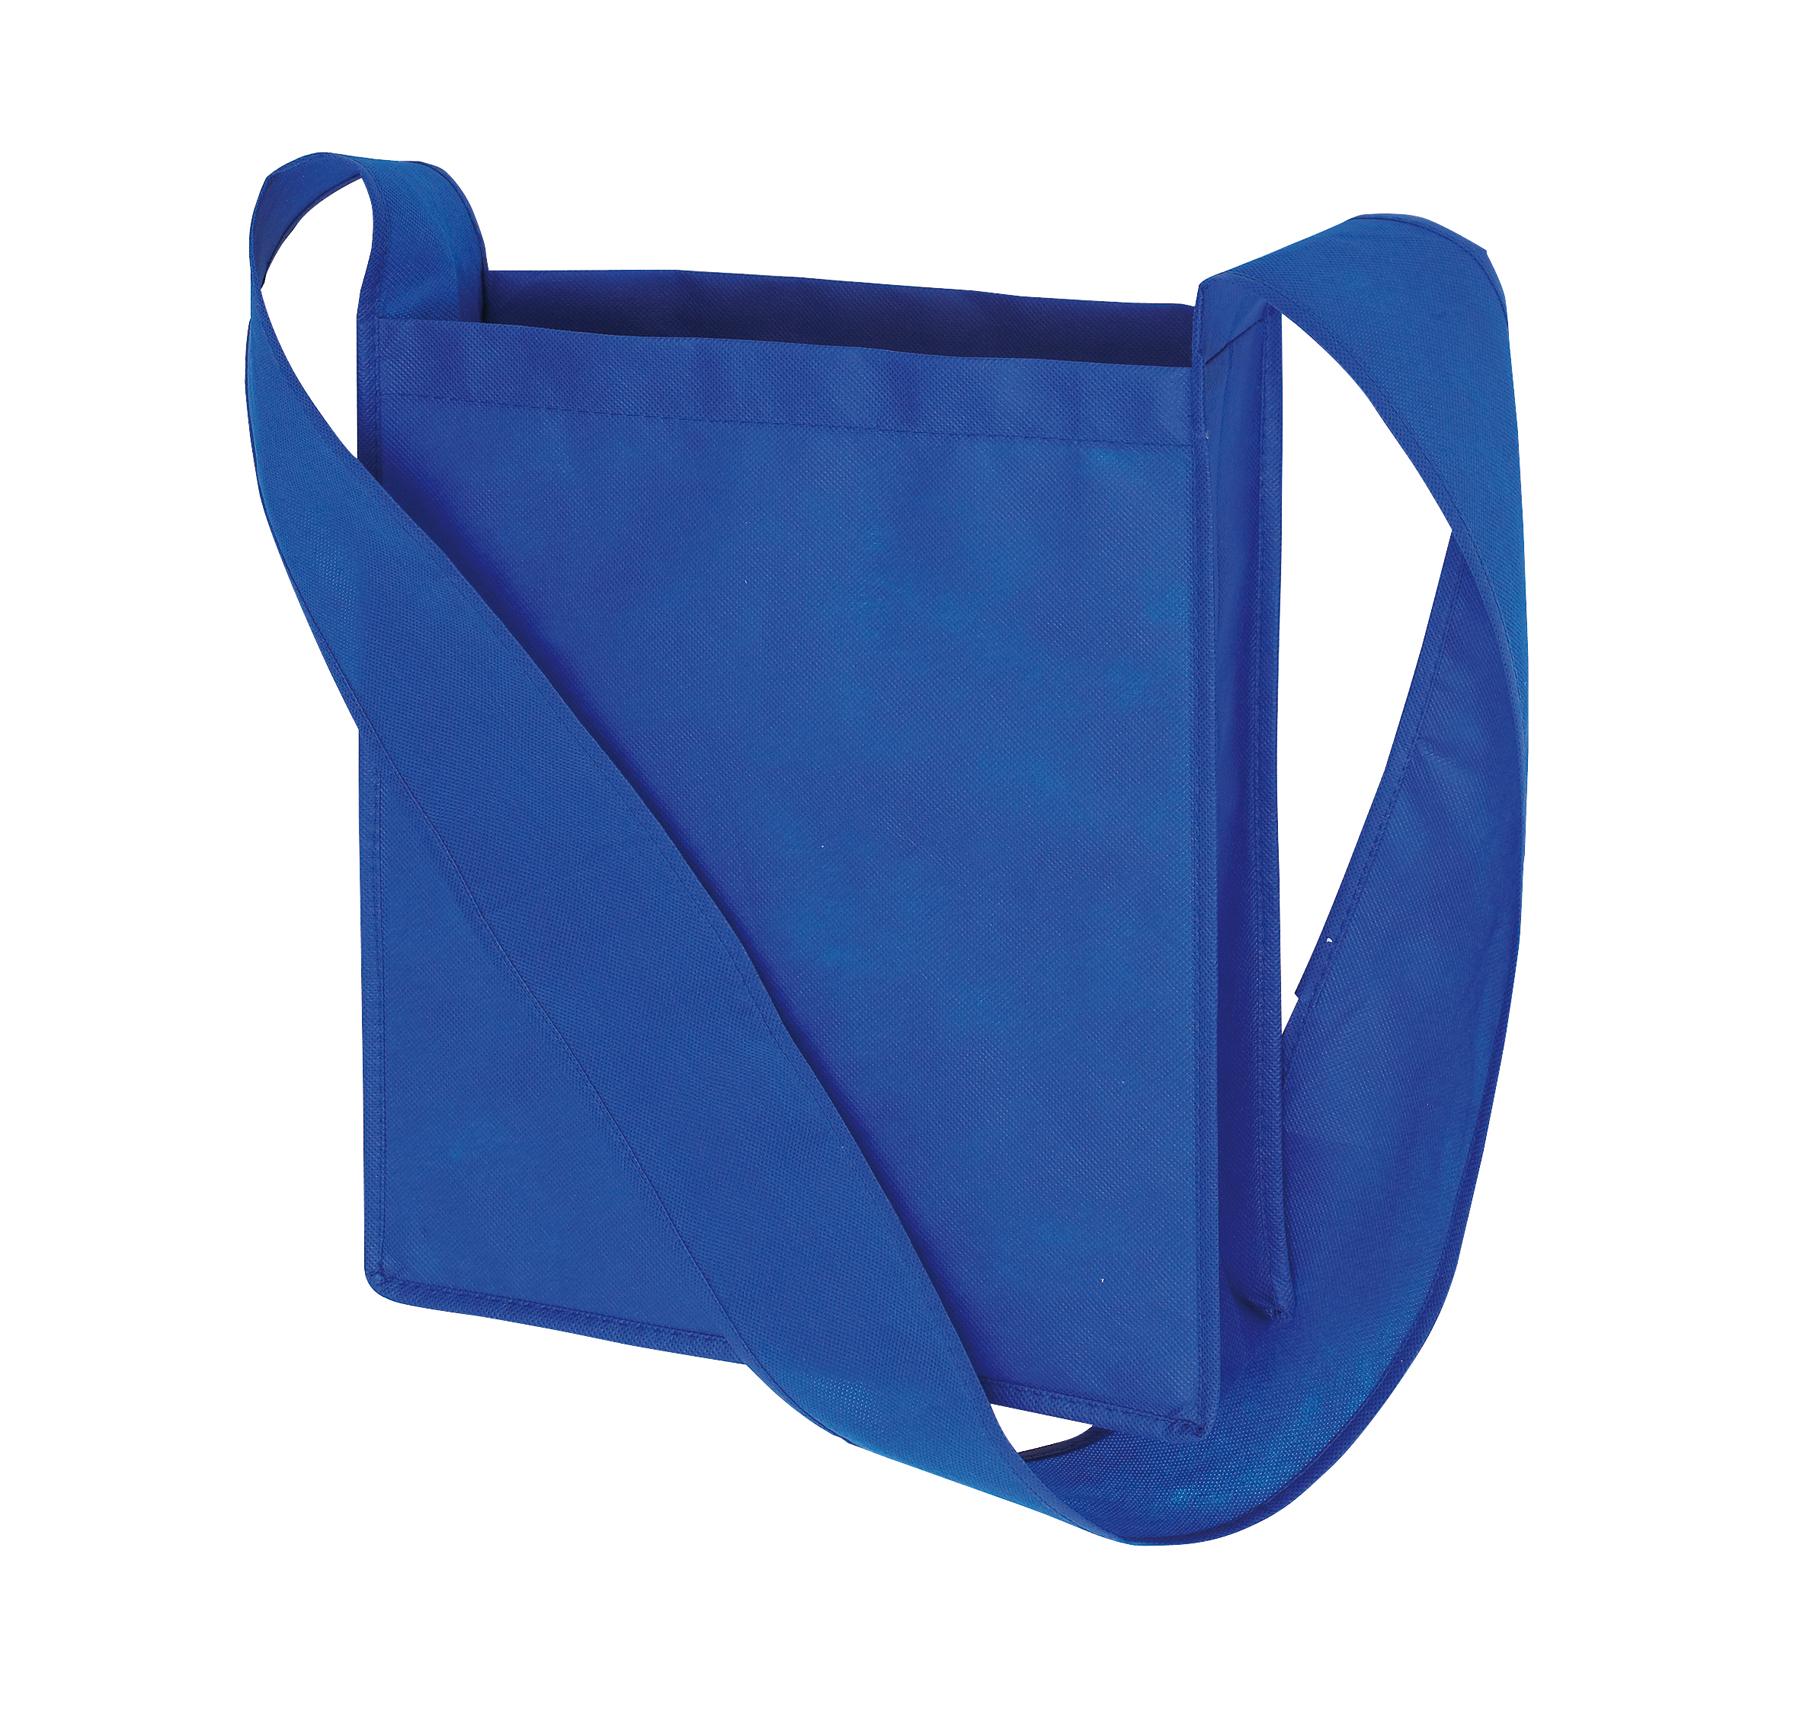 Torba na zakupy MALL, niebieski